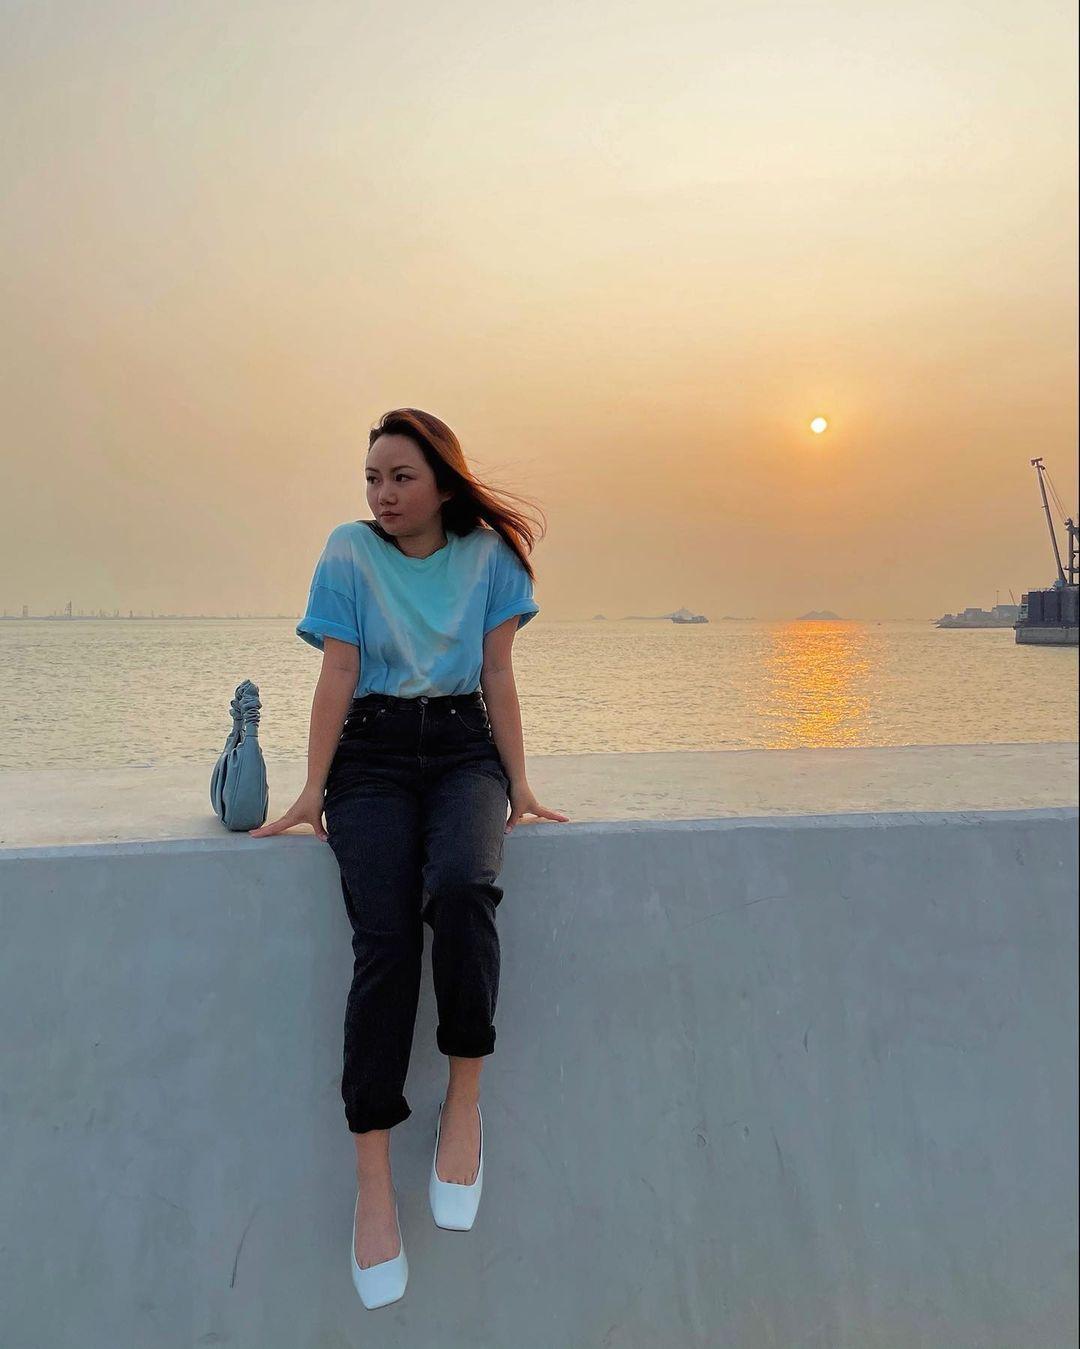 連綿不斷的海堤,能坐享270度的無敵海景。黃昏來臨時,更能觀賞超闊海平線日落!(圖片來源:IG@agneschoy)